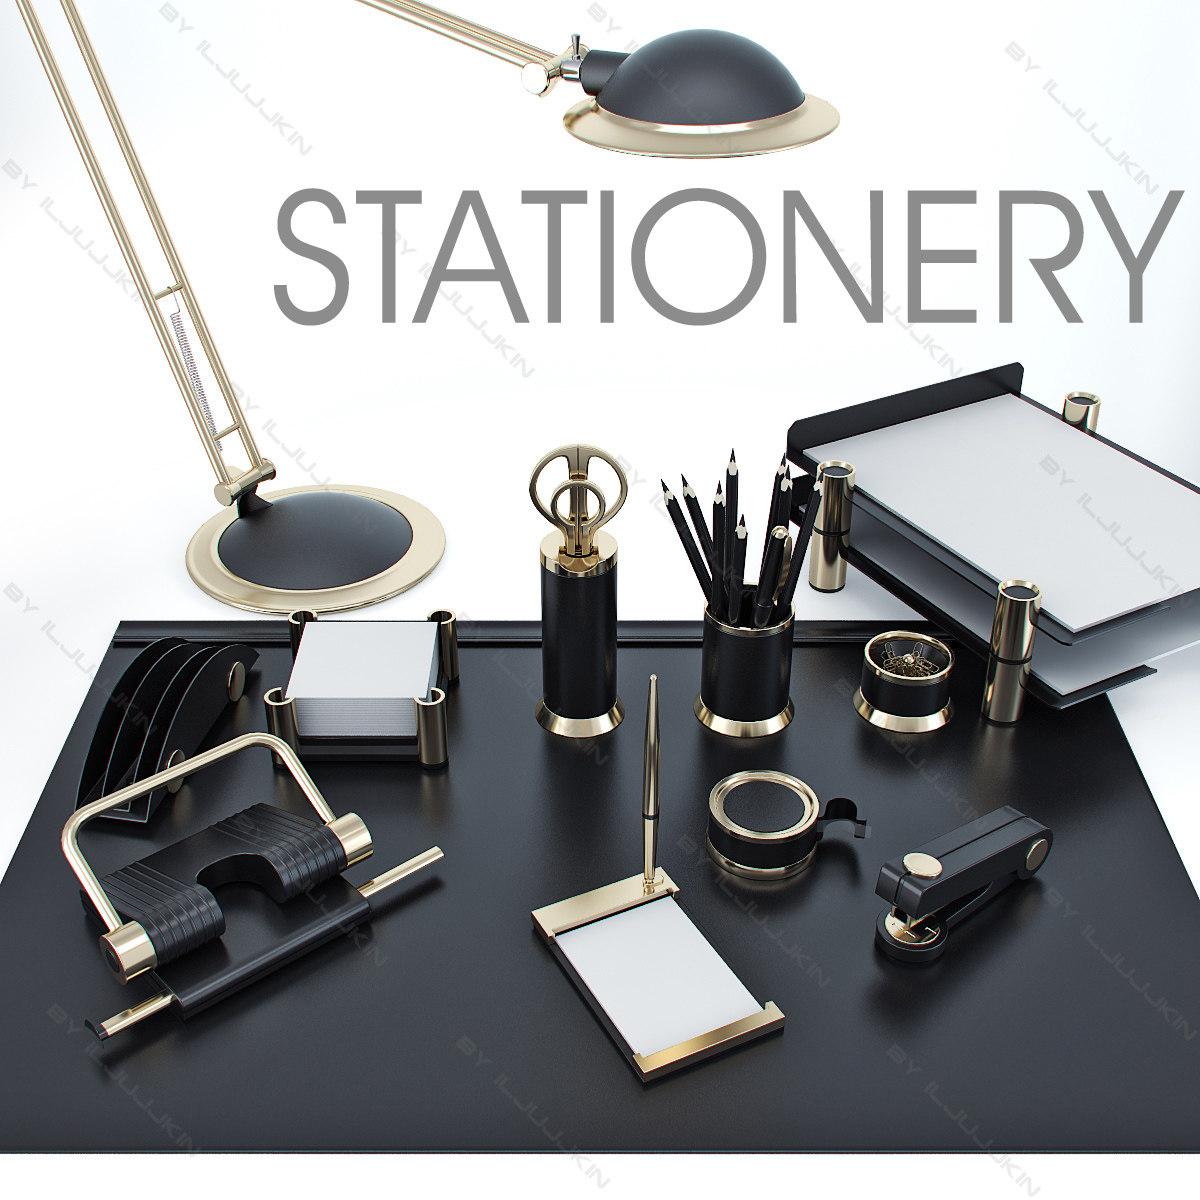 Stationery_0.jpg